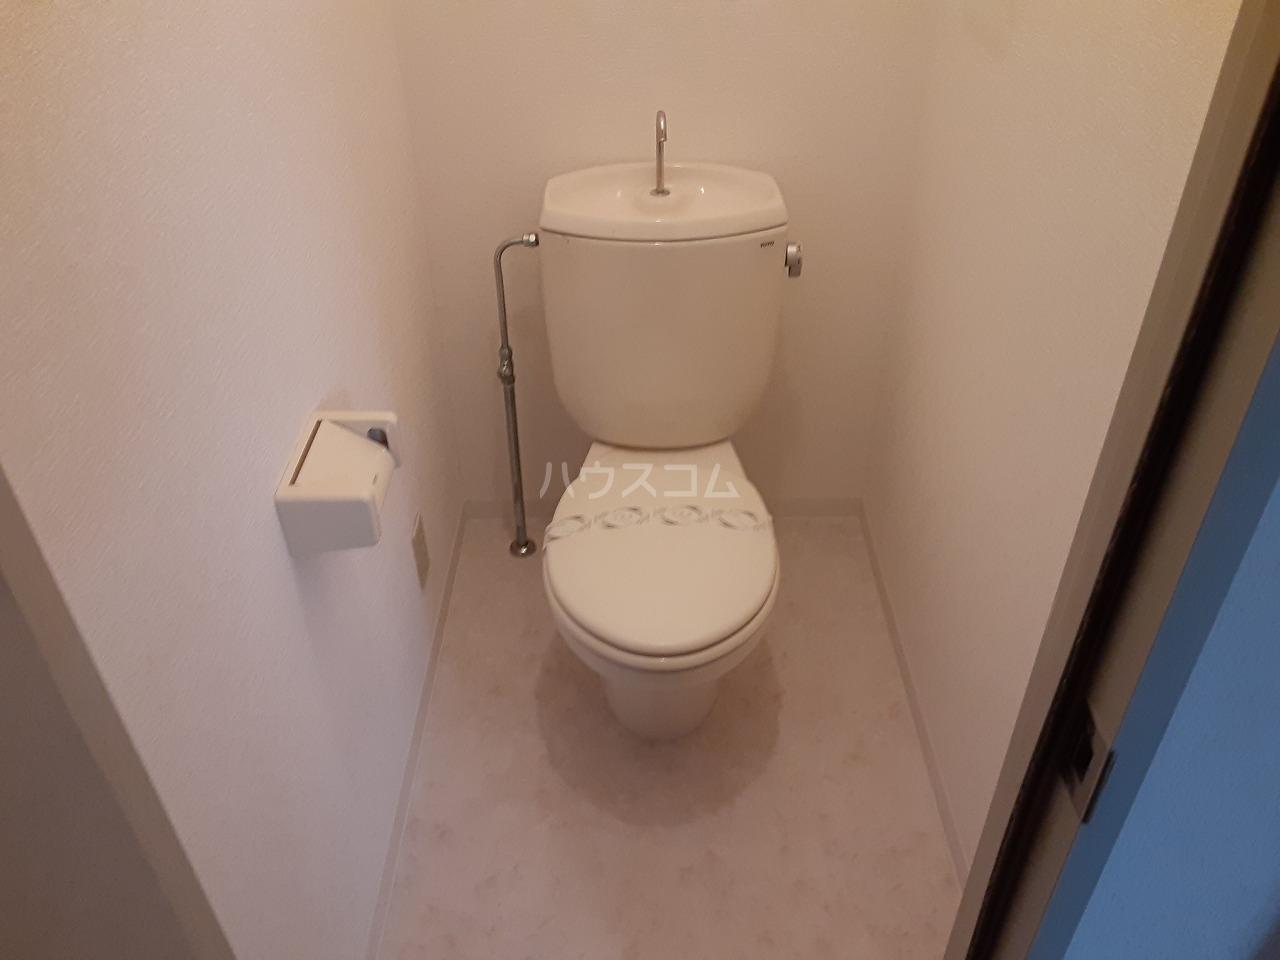 ロイヤルメゾン松ヶ丘 303号室のトイレ